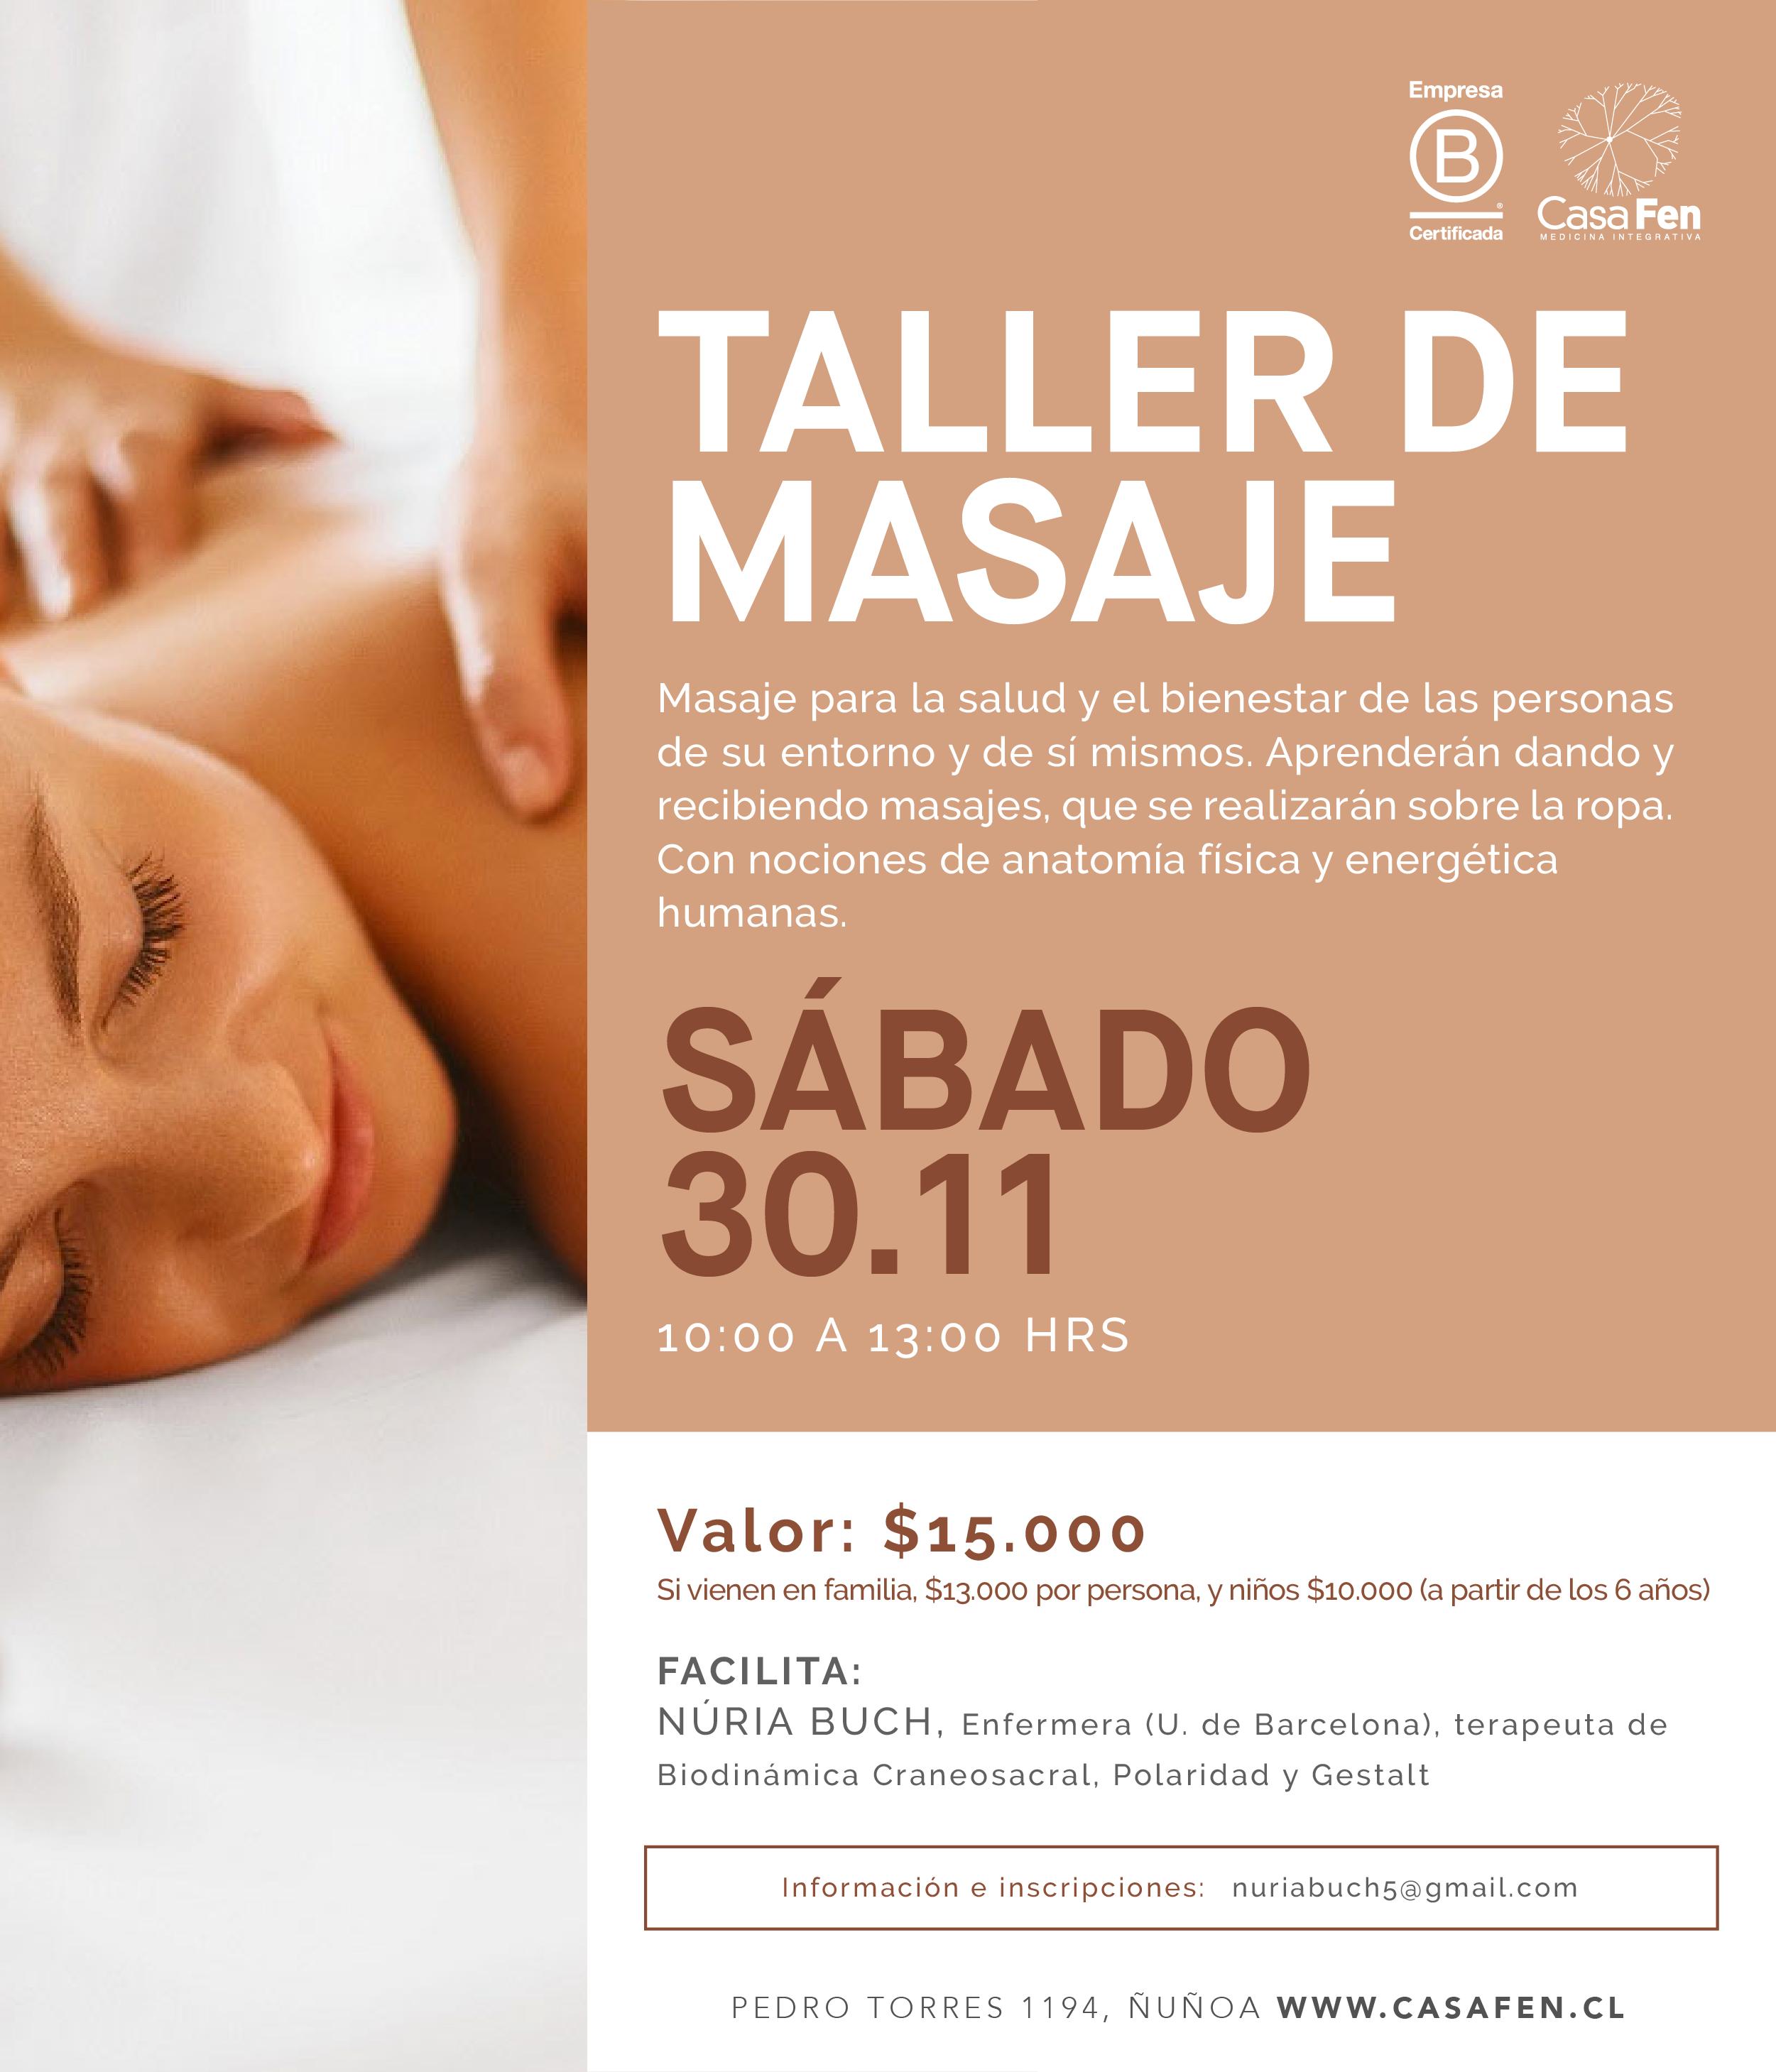 Taller de masaje noviembre 2019 - CasaFen